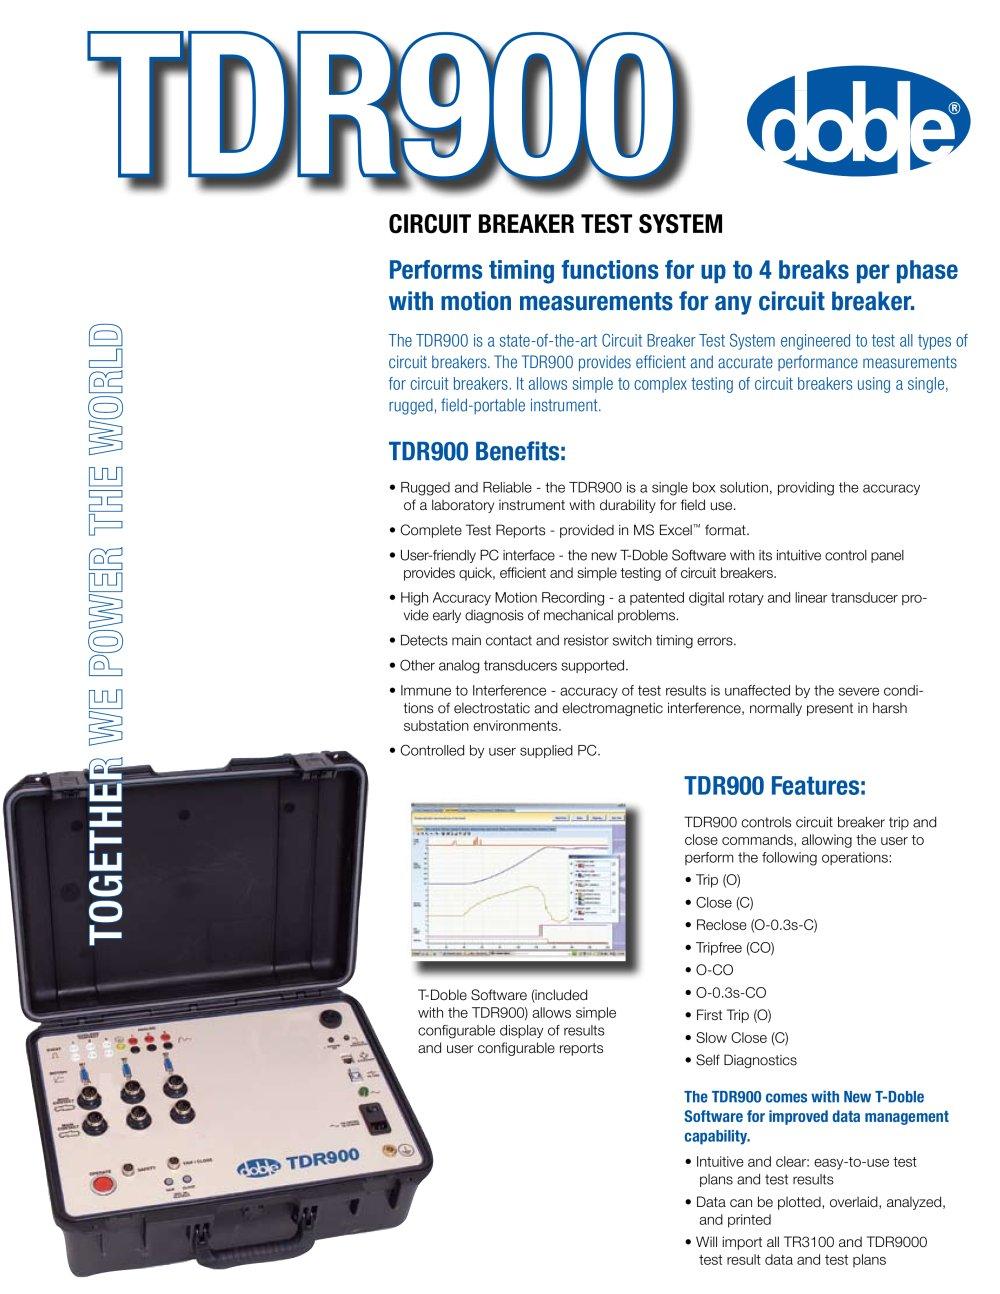 Tdr900 Doble Lemke Pdf Catalogue Technical Documentation Portable Circuit Breaker 1 2 Pages